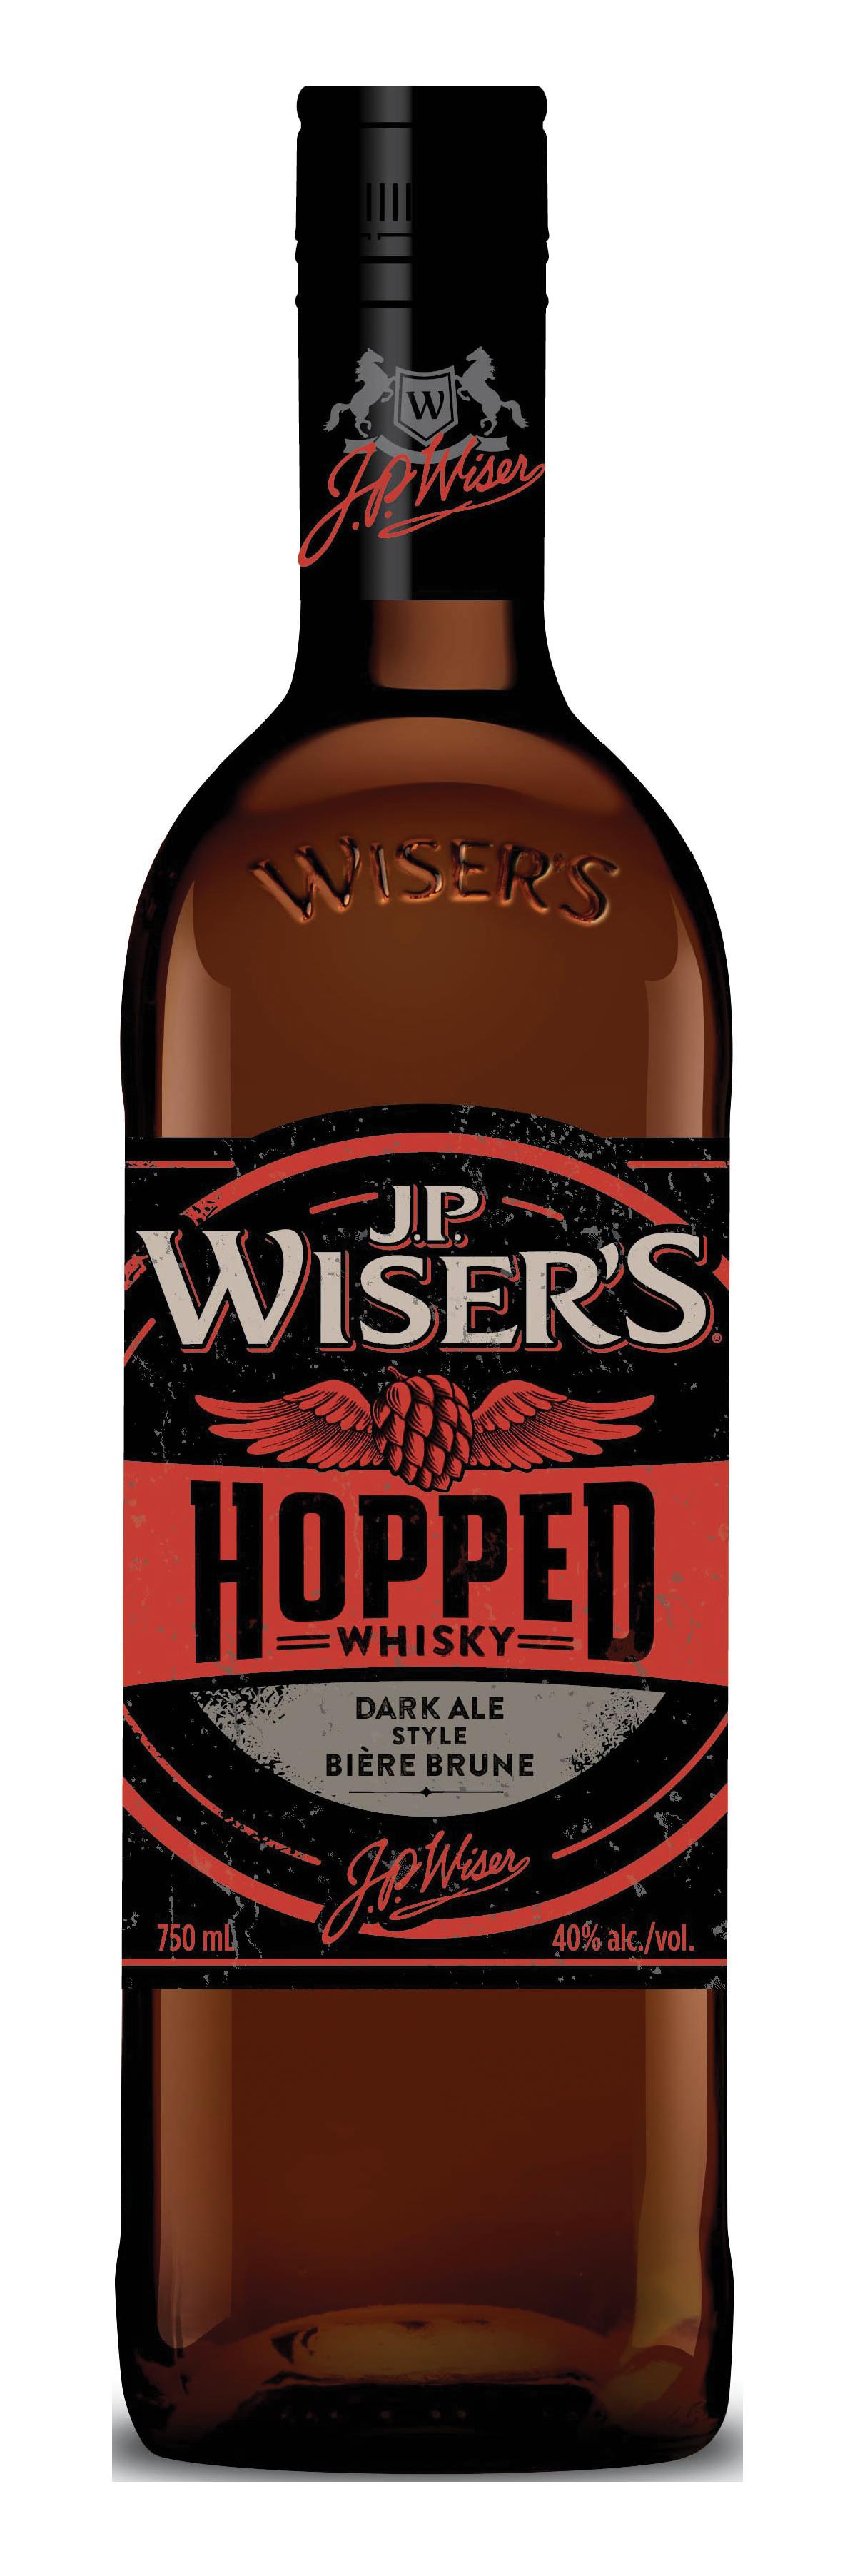 JPWisers-Hopped-750mL